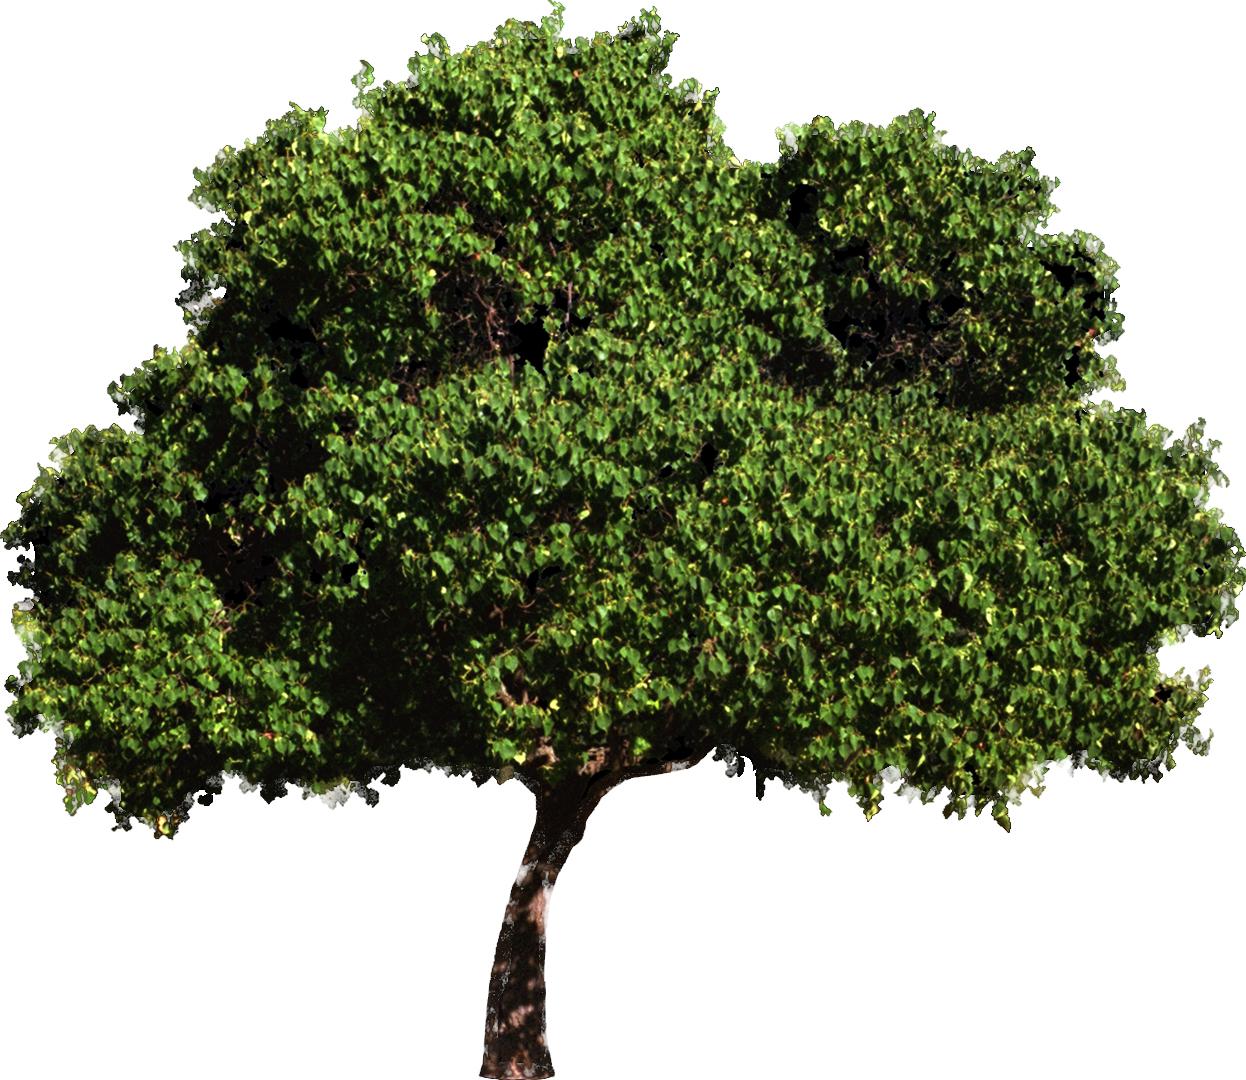 раскидистое дерево картинки без фона восточной лаковой живописи